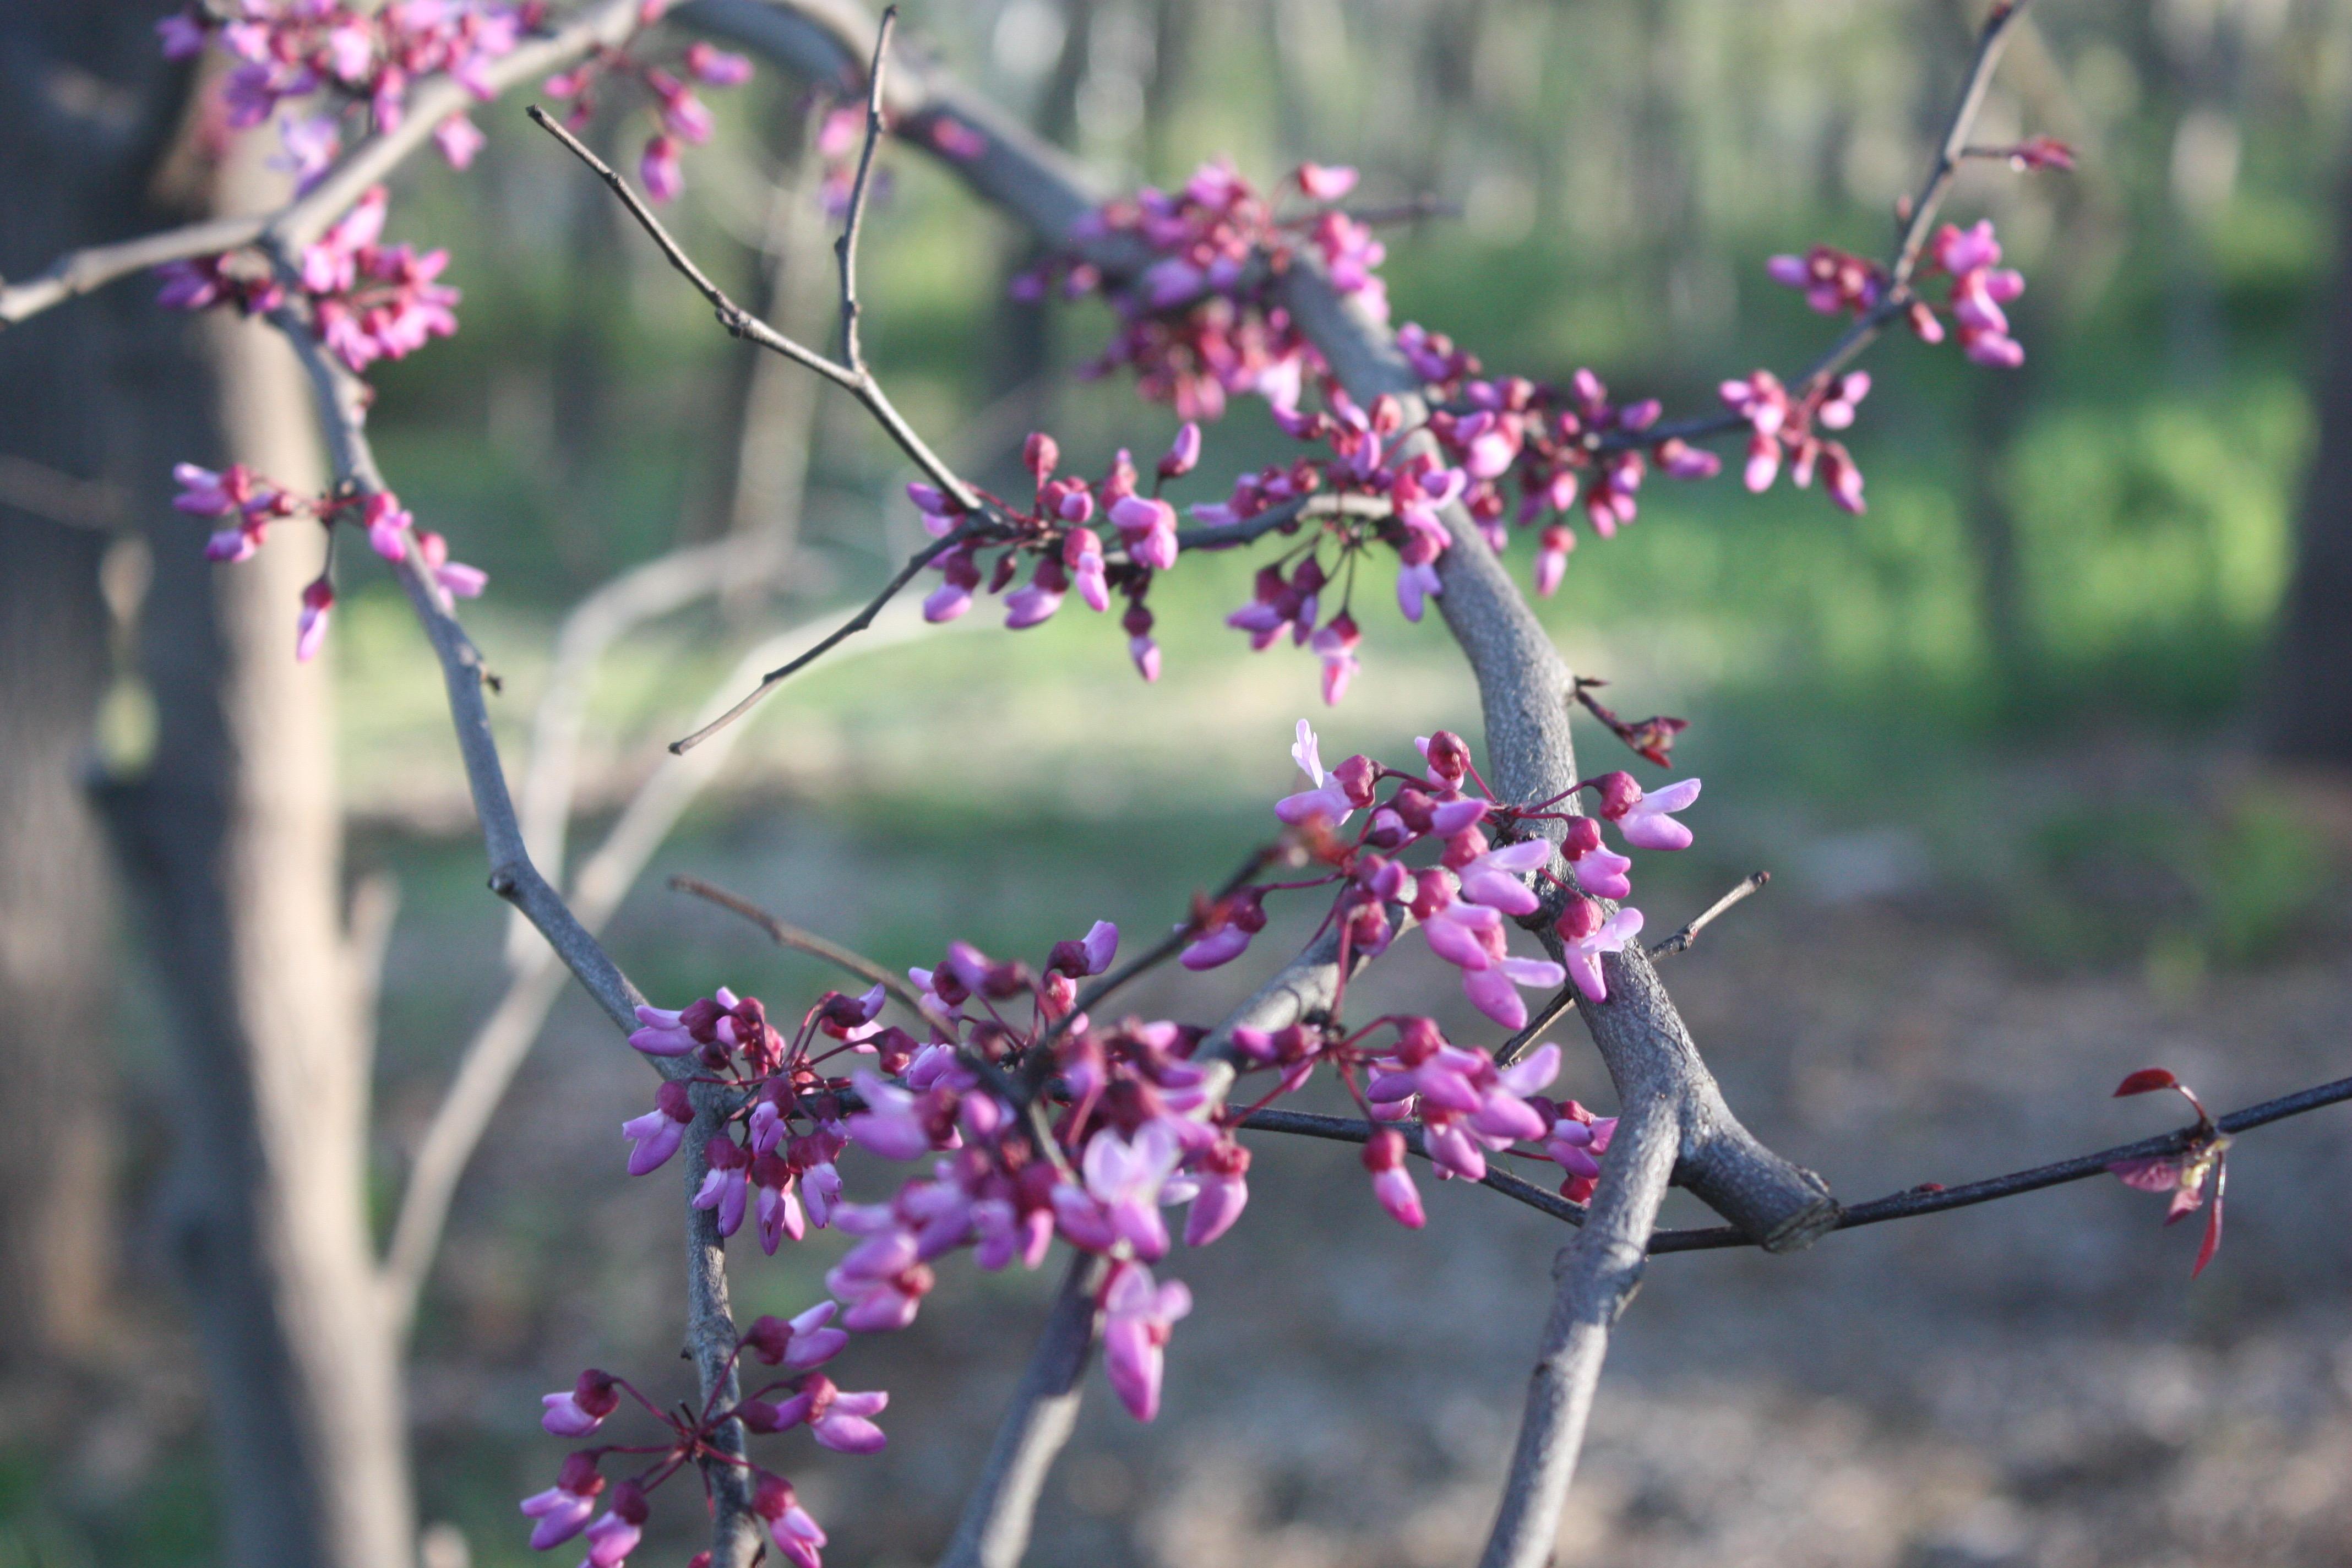 April abundance